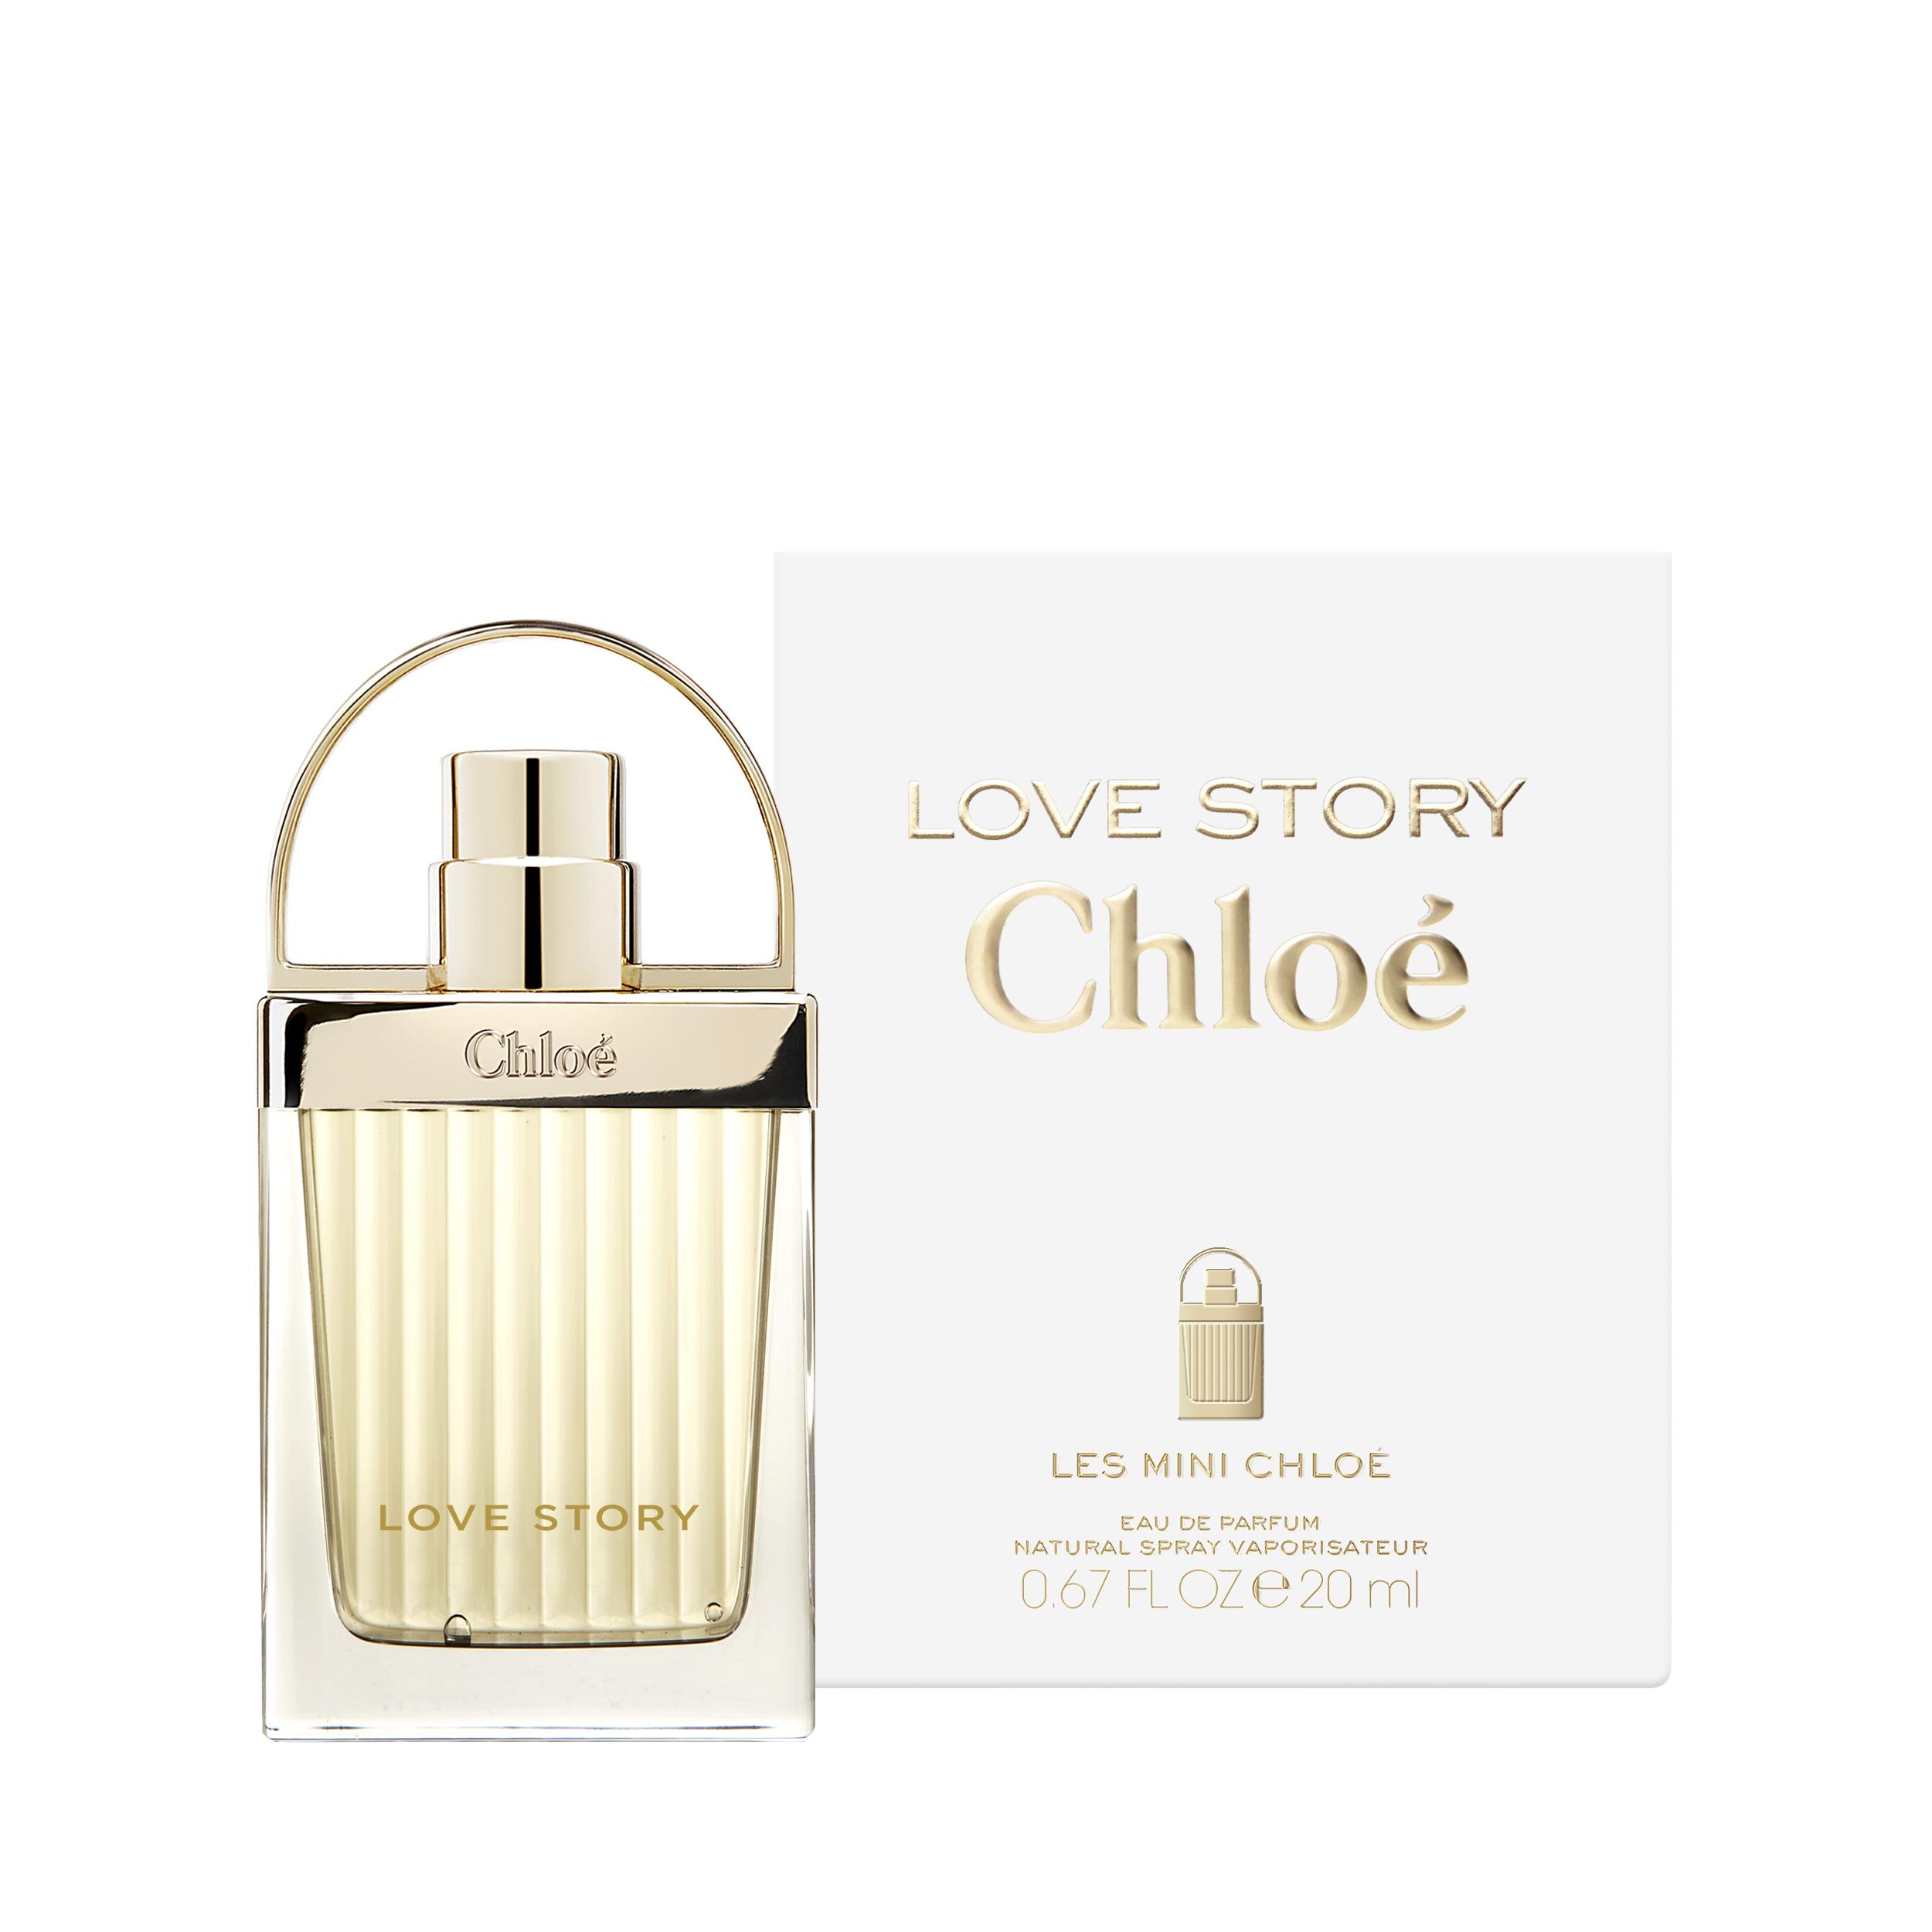 Love Story Sensuelle Eau De Parfume (920 kr) Chloé